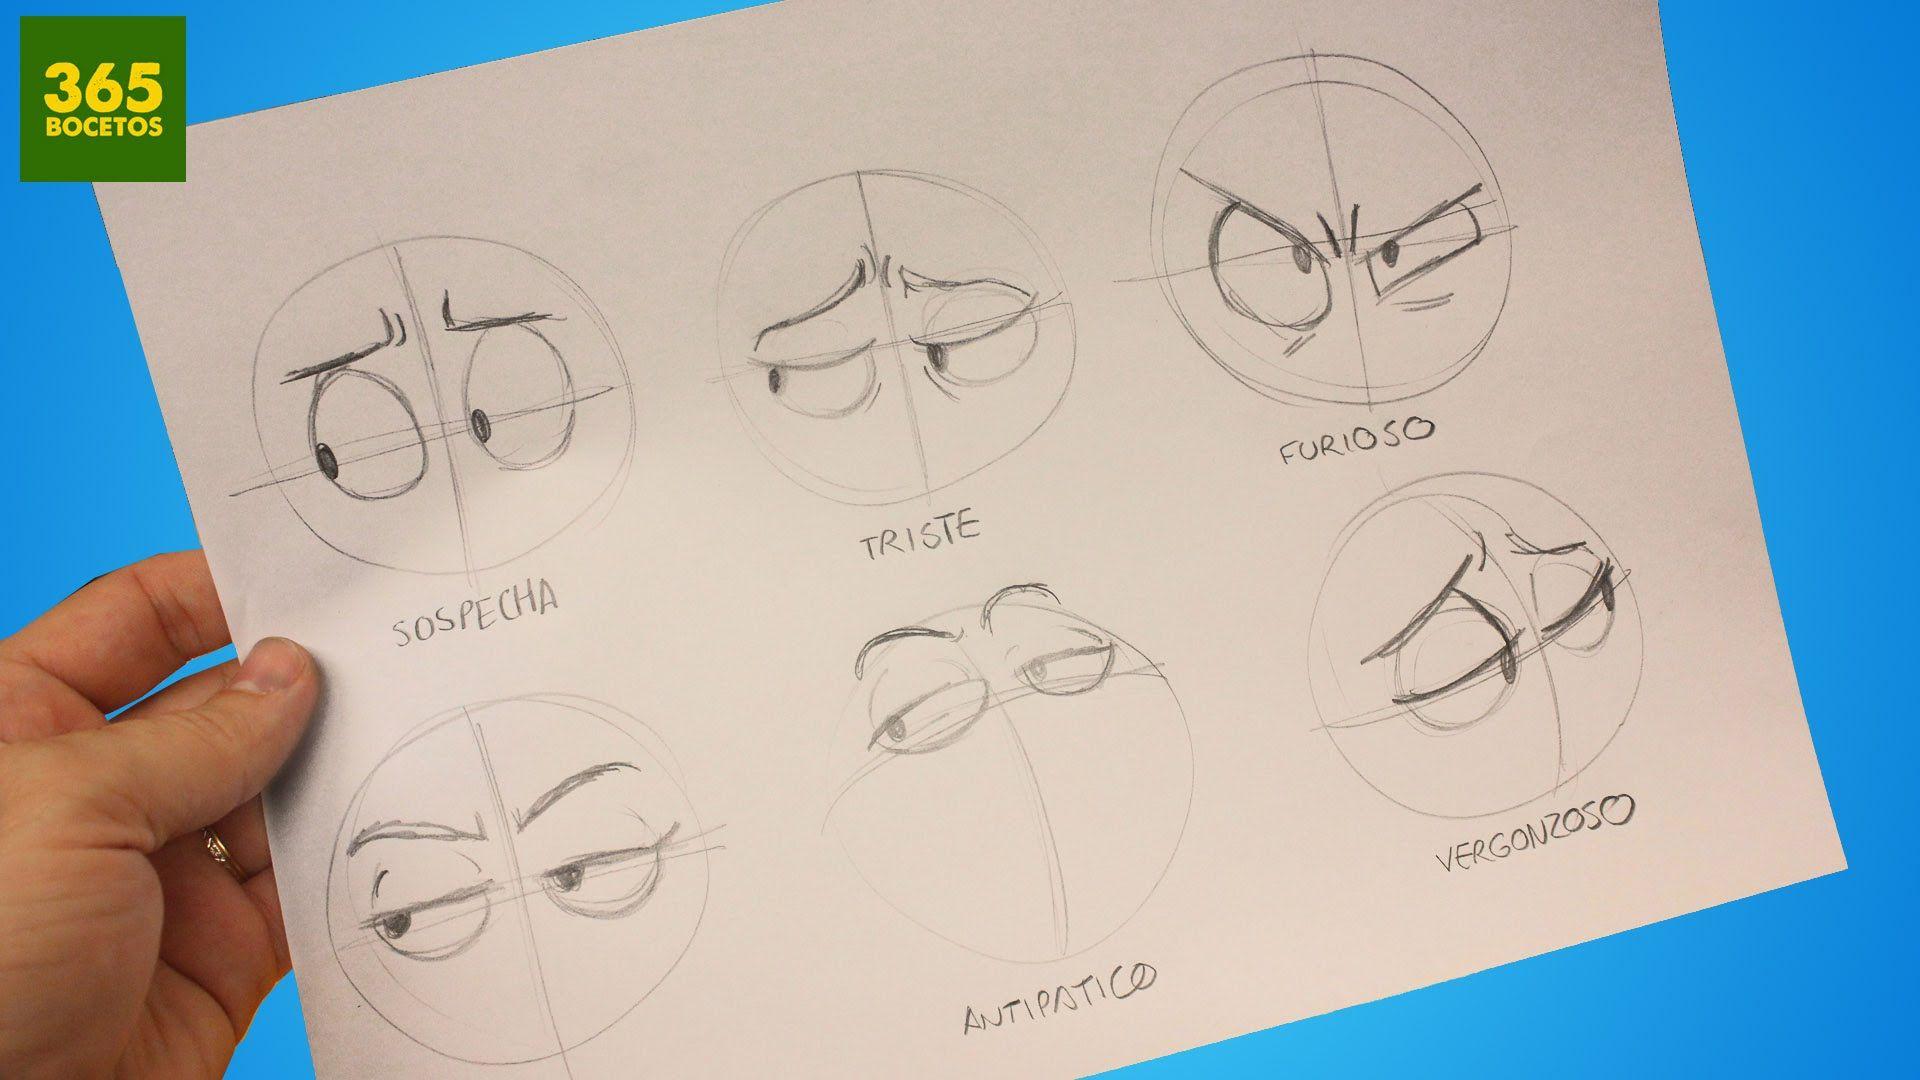 Como Dibujar Ojos Expresiones Faciles Para Tus Dibujos Manga Anime Cartoon Como Dibujar Ojos Dibujos Dibujos De Ojos